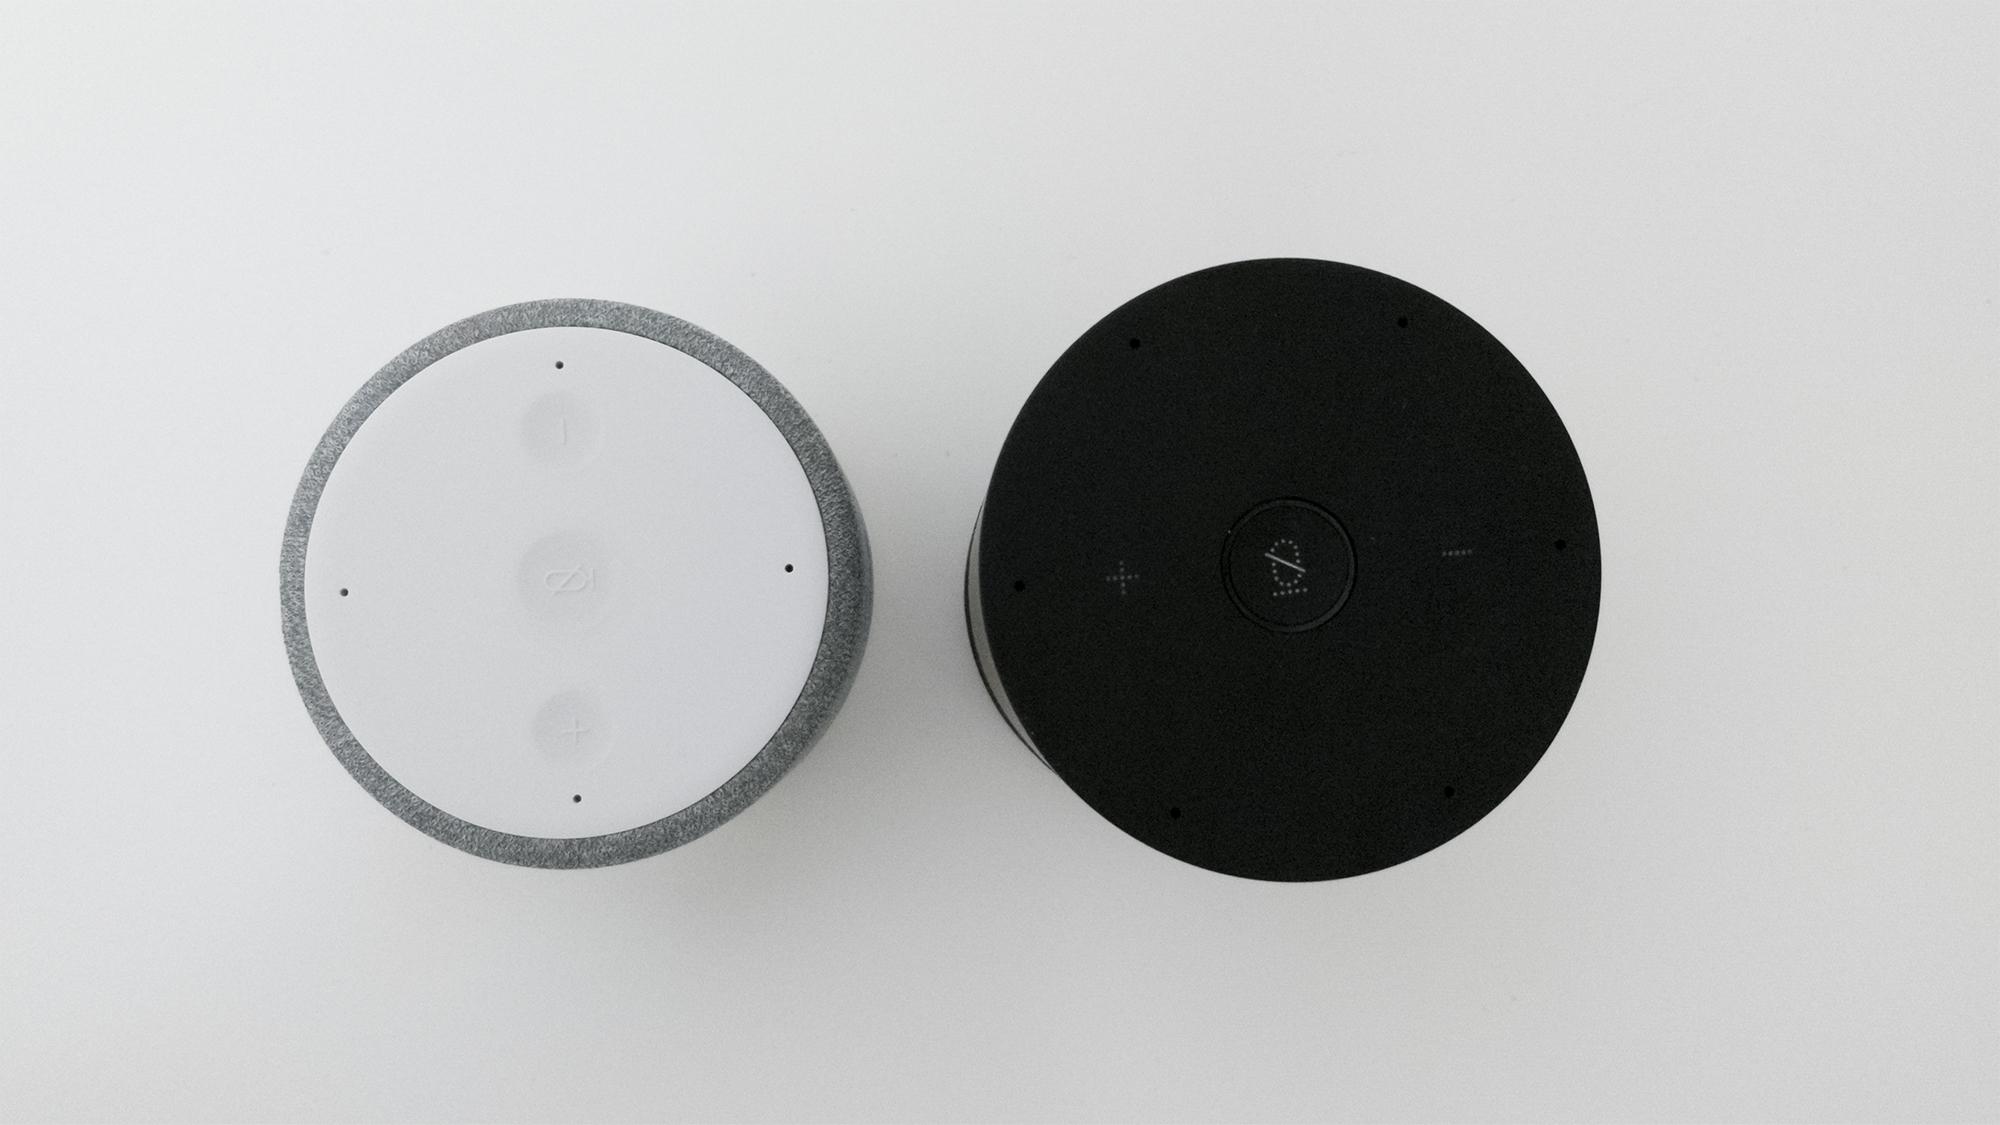 天猫精灵 M1(左)和 X1(右)顶部设计